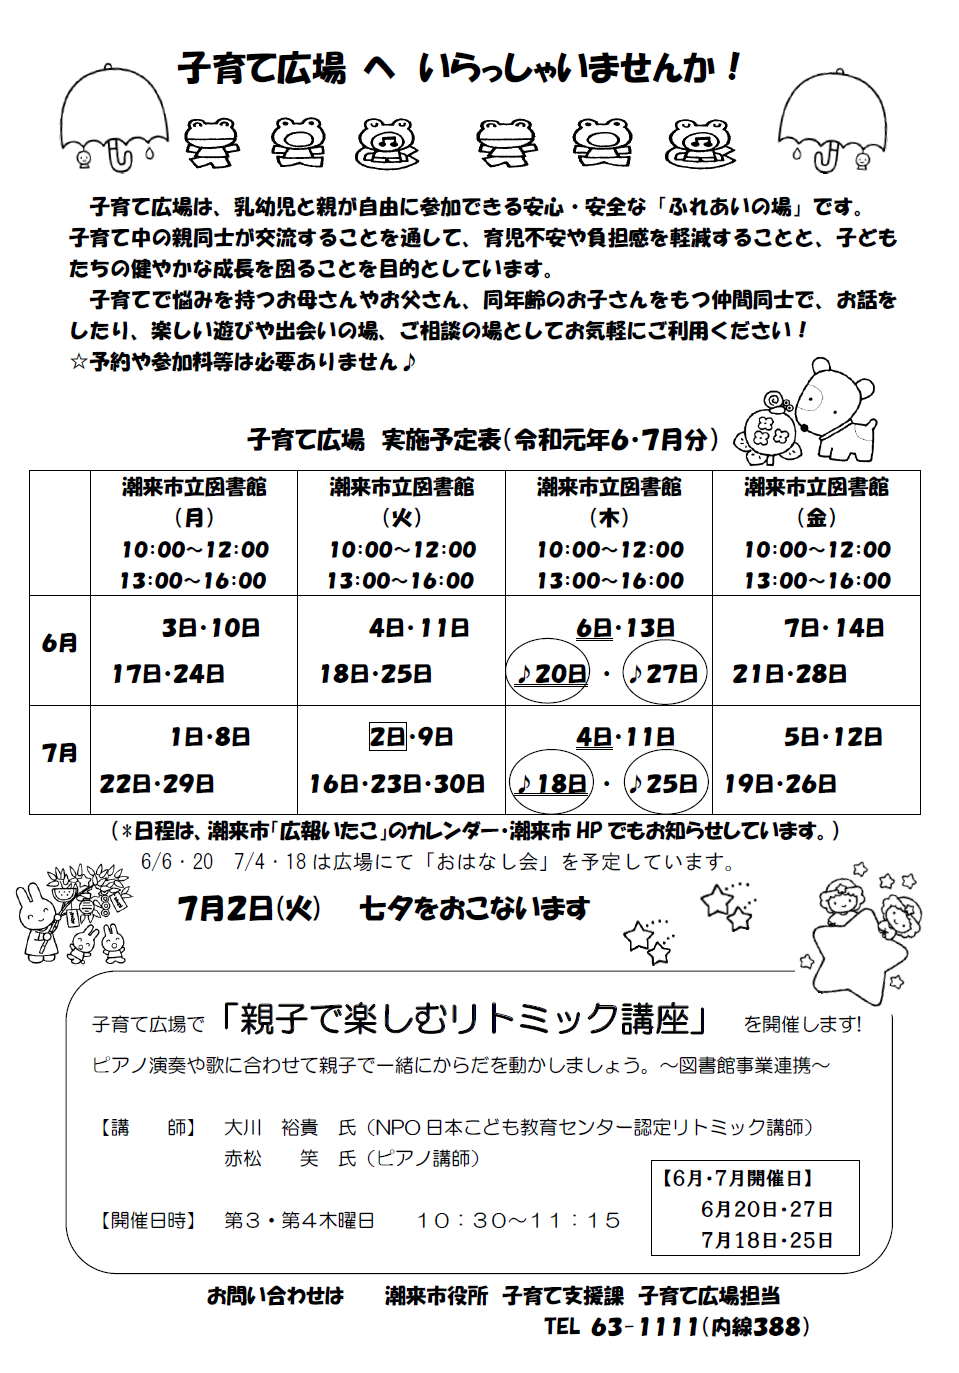 『子育て広場 令和元年6・7月の予定』の画像